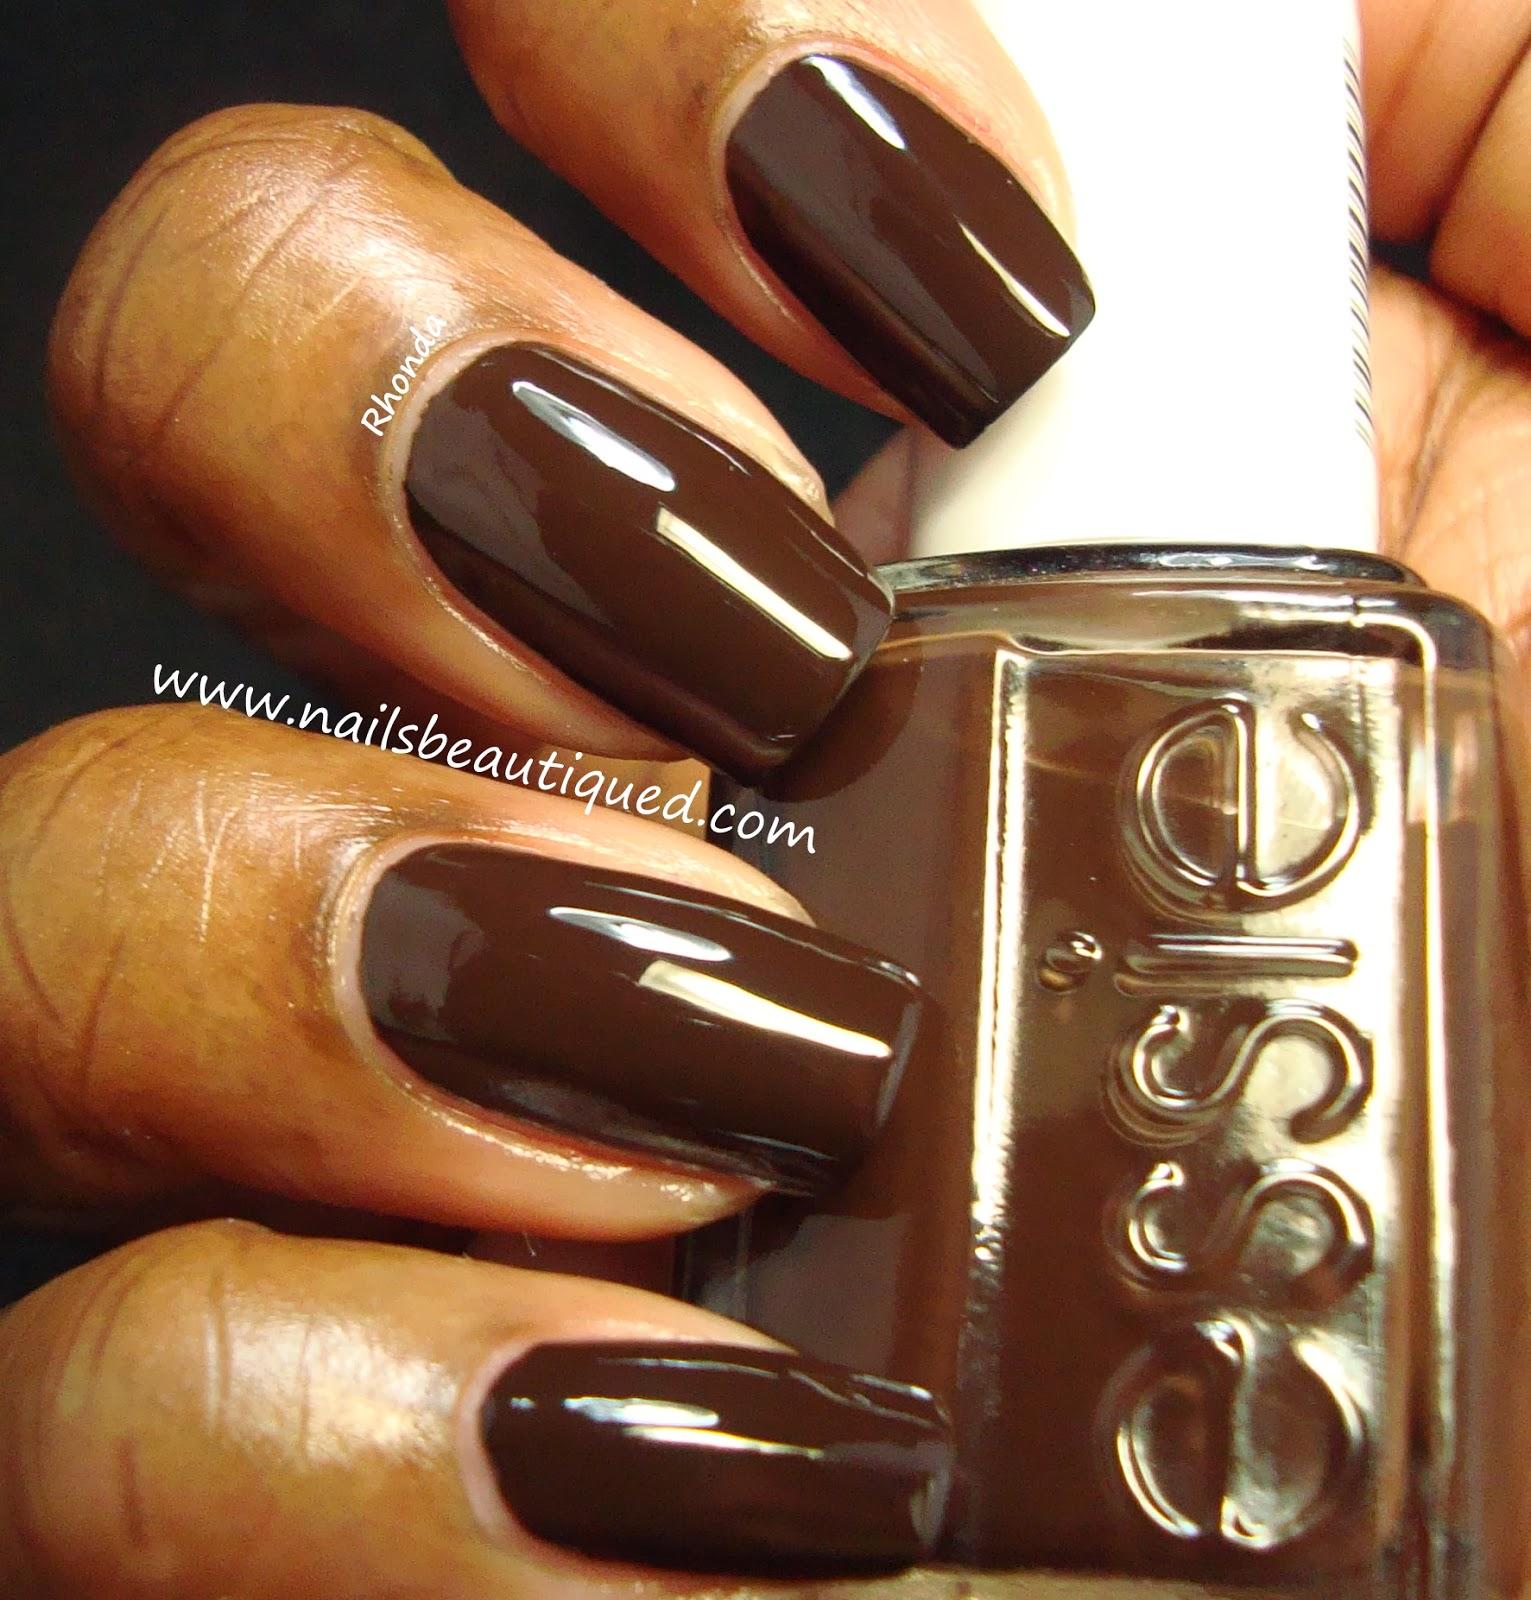 Acrylic Nail Designs Brown: Dark brown acrylic nail designs. Brown ...